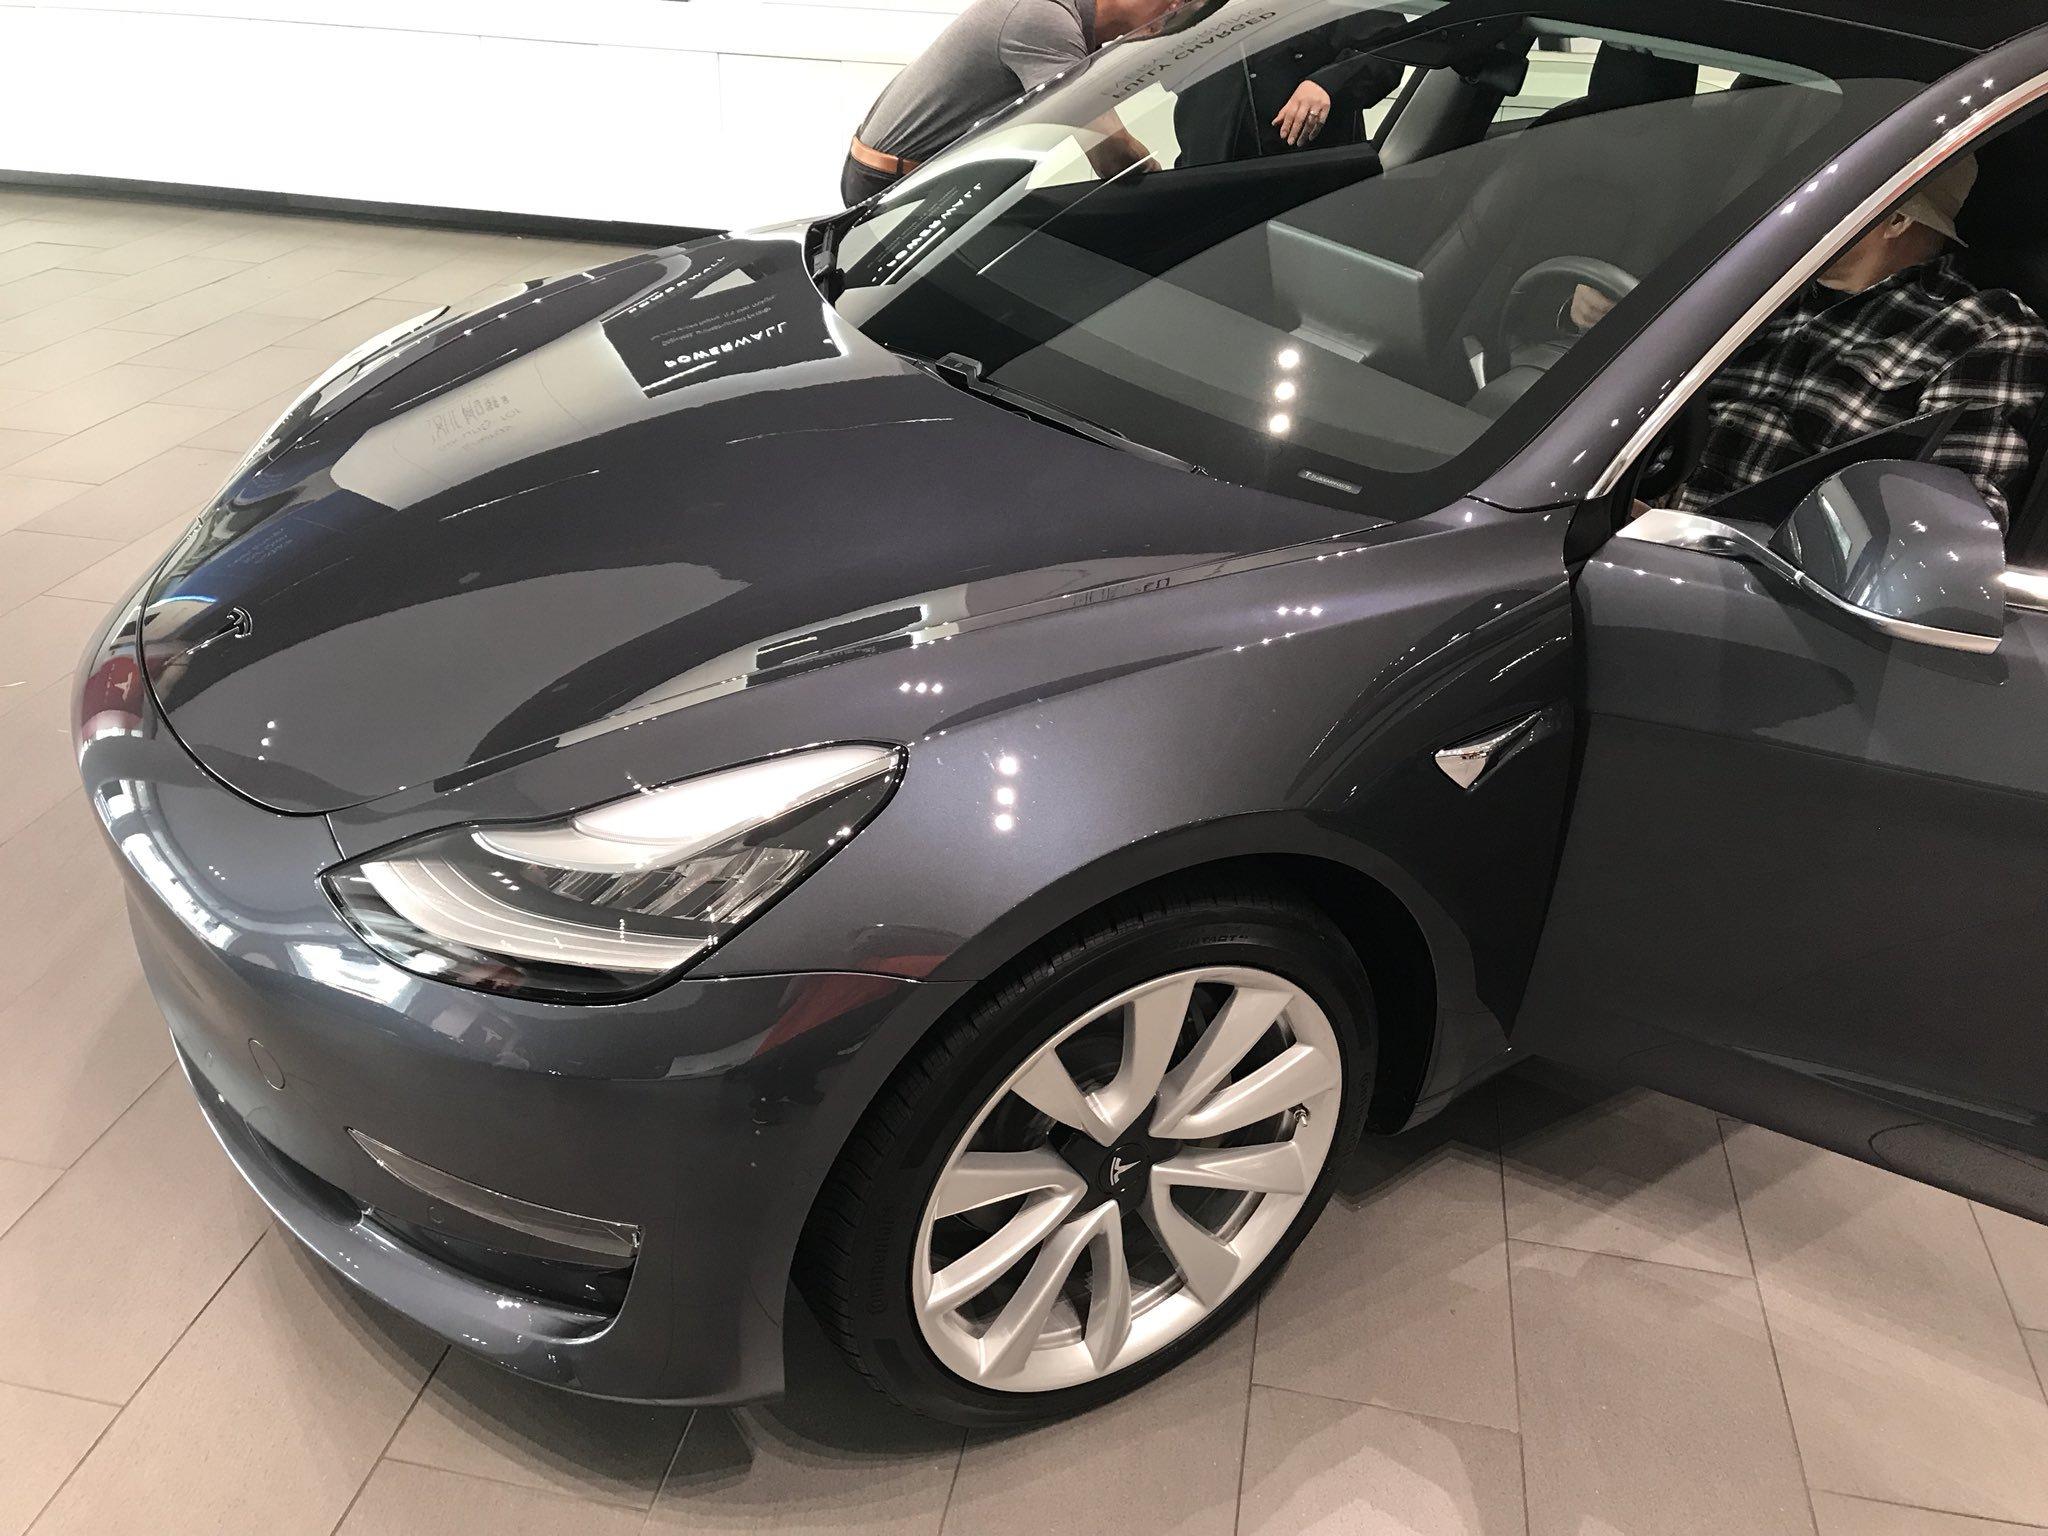 Midnight Silver Metallic Tesla Model 3 at Santana Row Showroom, Canada